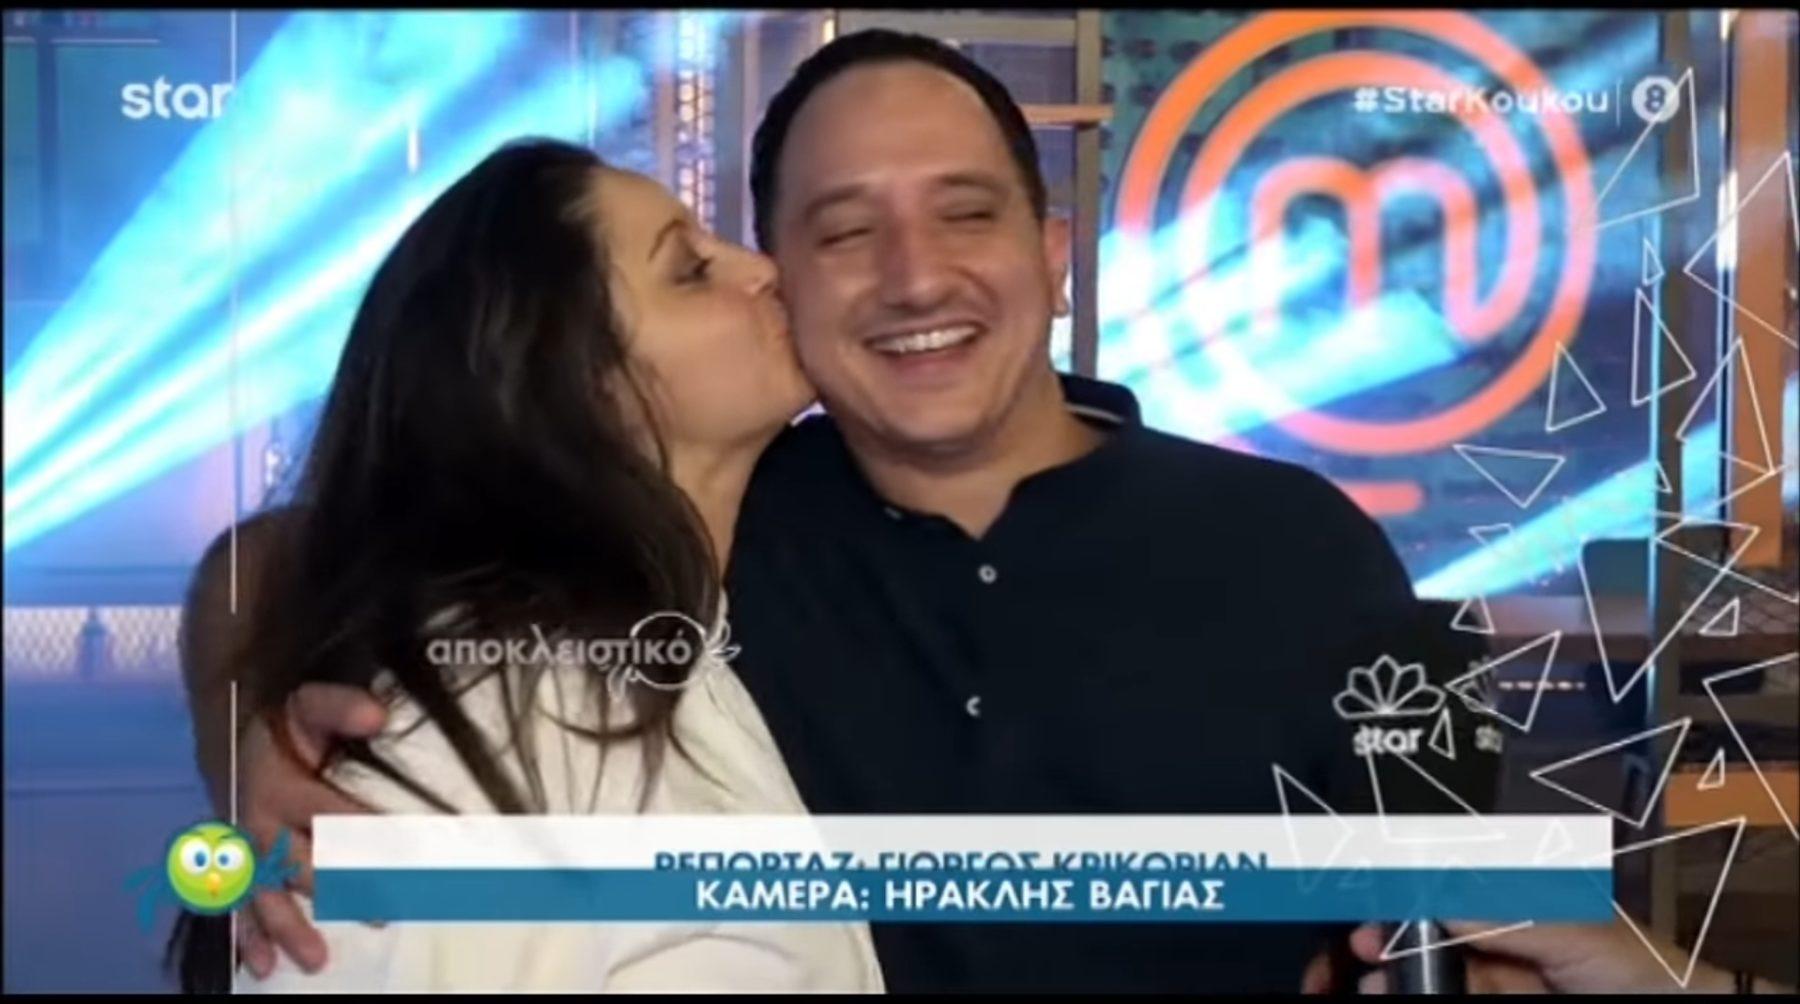 Ο σύντροφός της Μαργαρίτας μιλά για την κατάκτηση της νίκης στο MasterChef...και για την πρόταση γάμου που έρχεται!